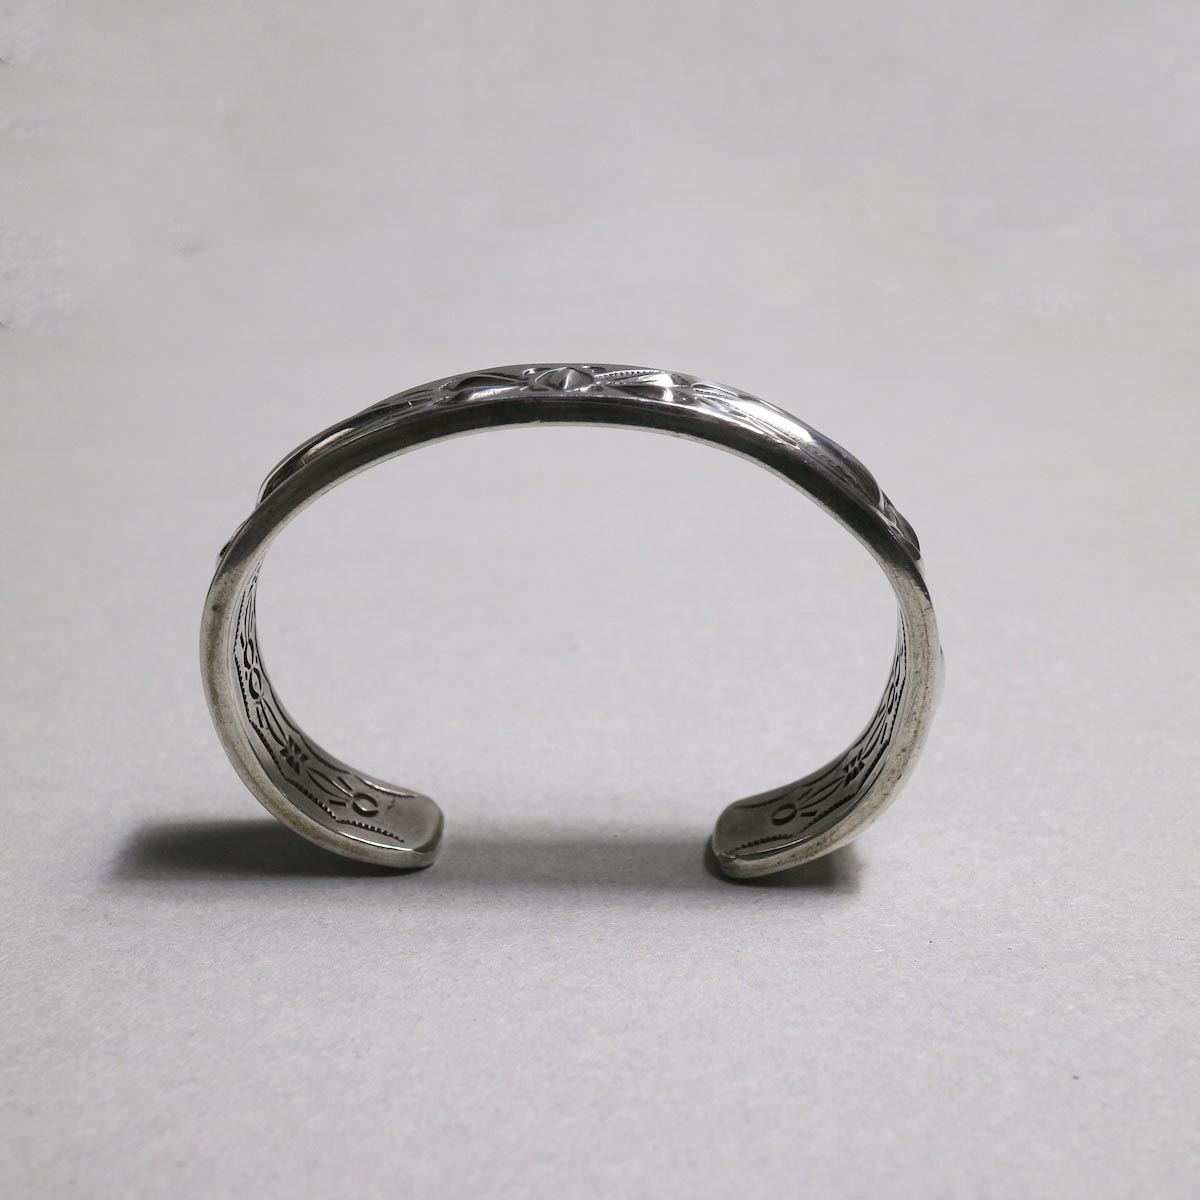 RAY ADAKAI / Double Stamp Bracelet (A)全体